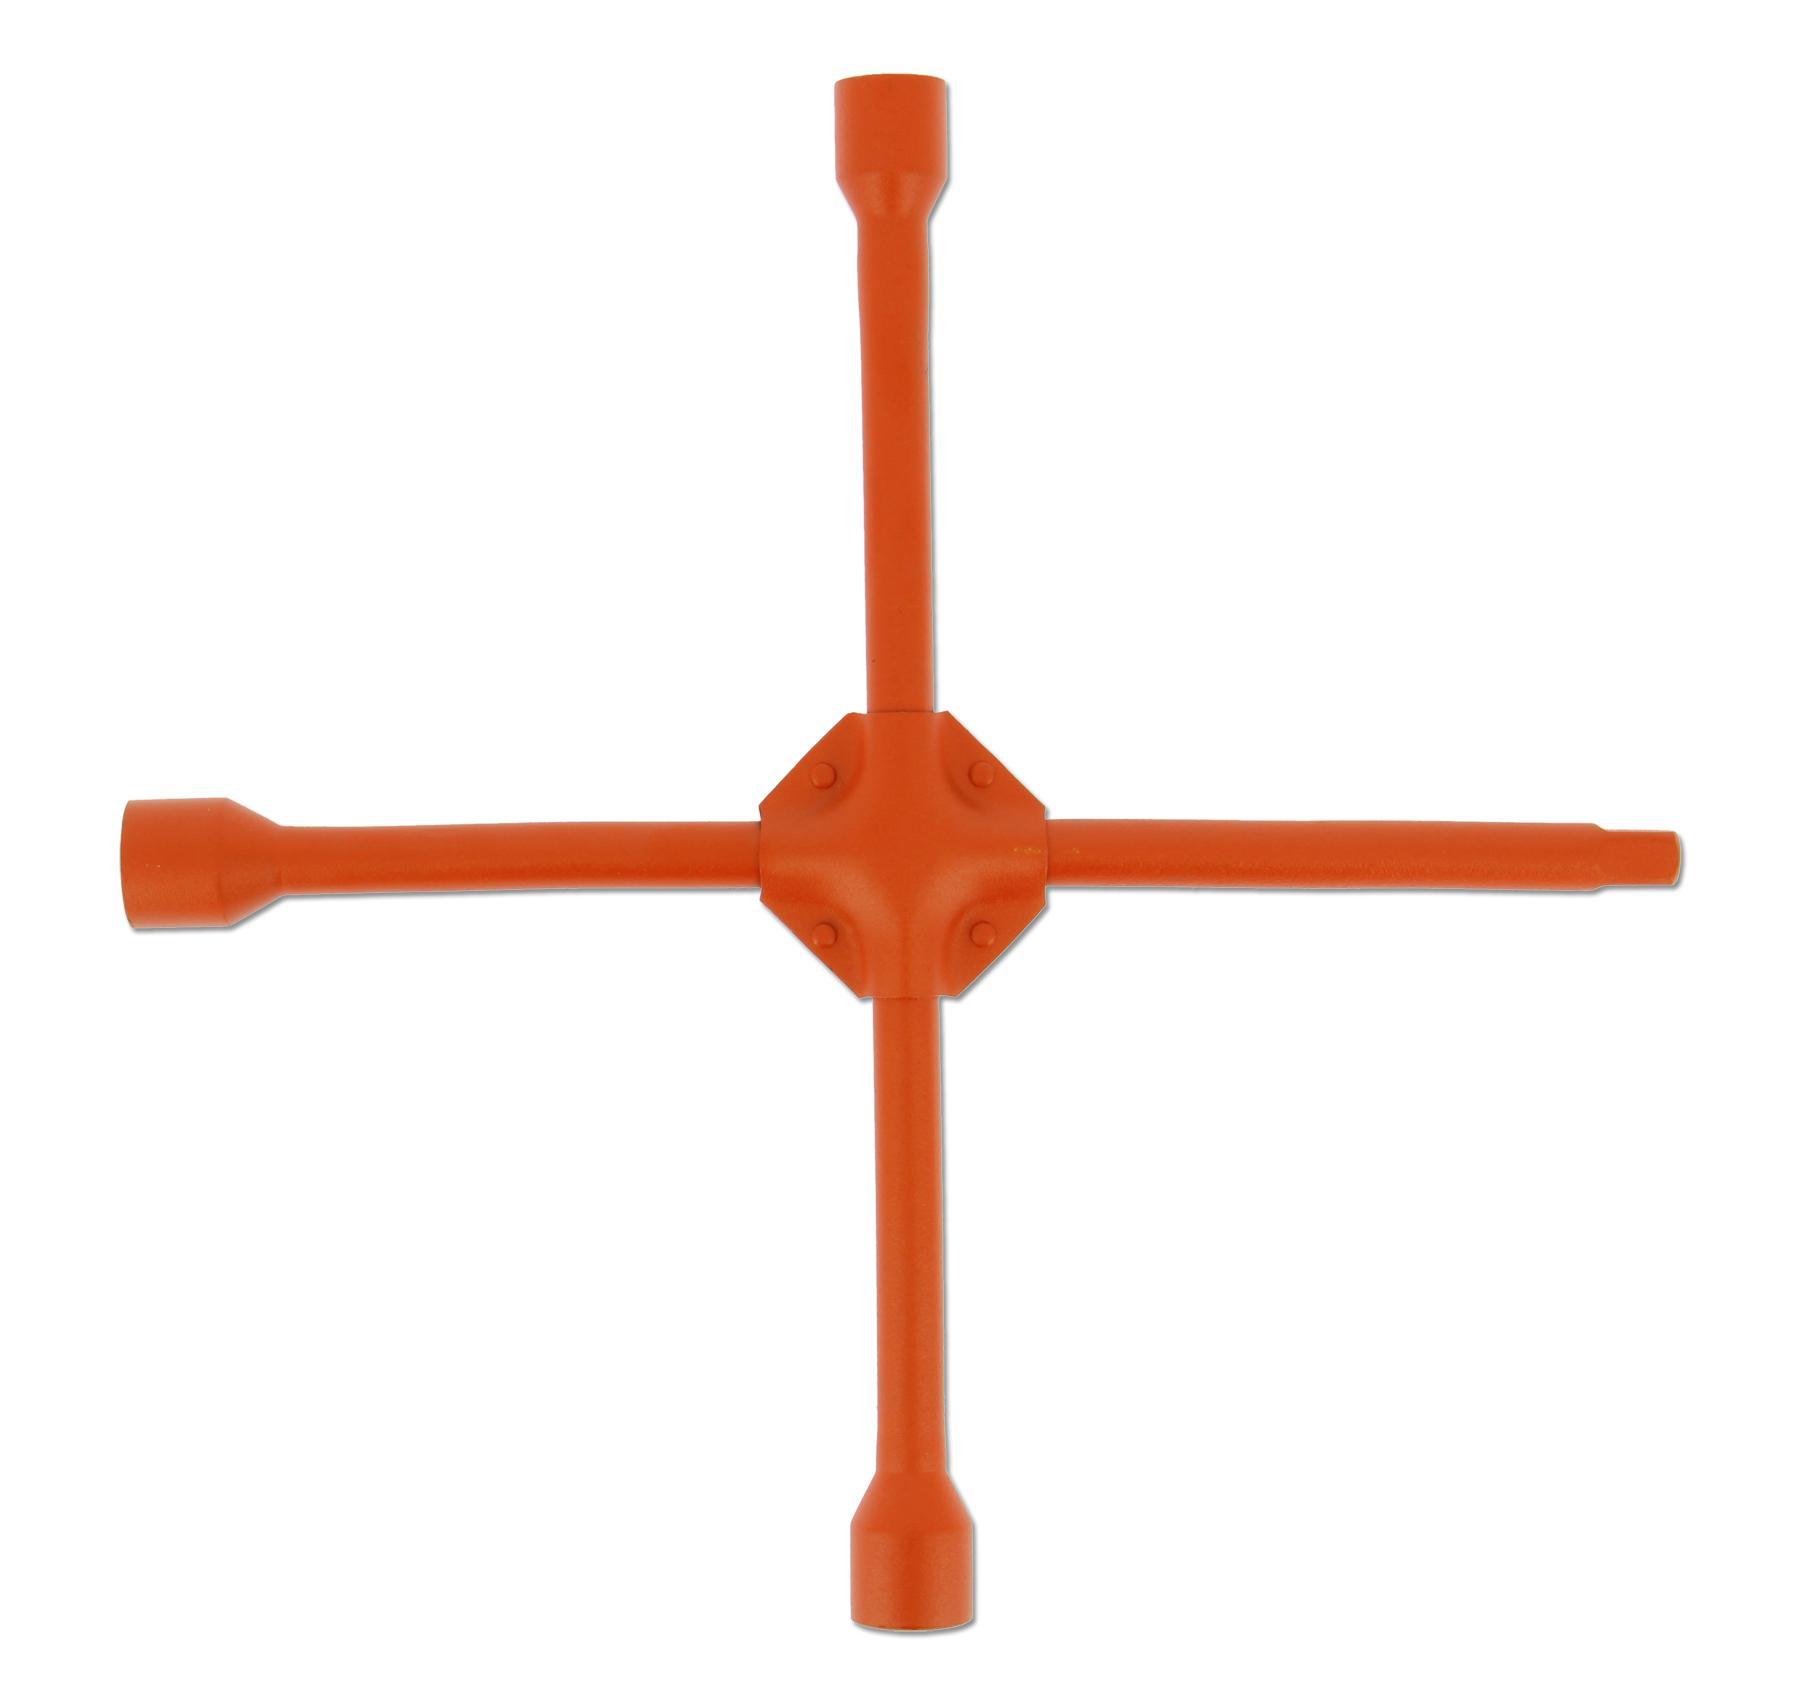 Four-way lug wrench 552001 XL 552001 original quality